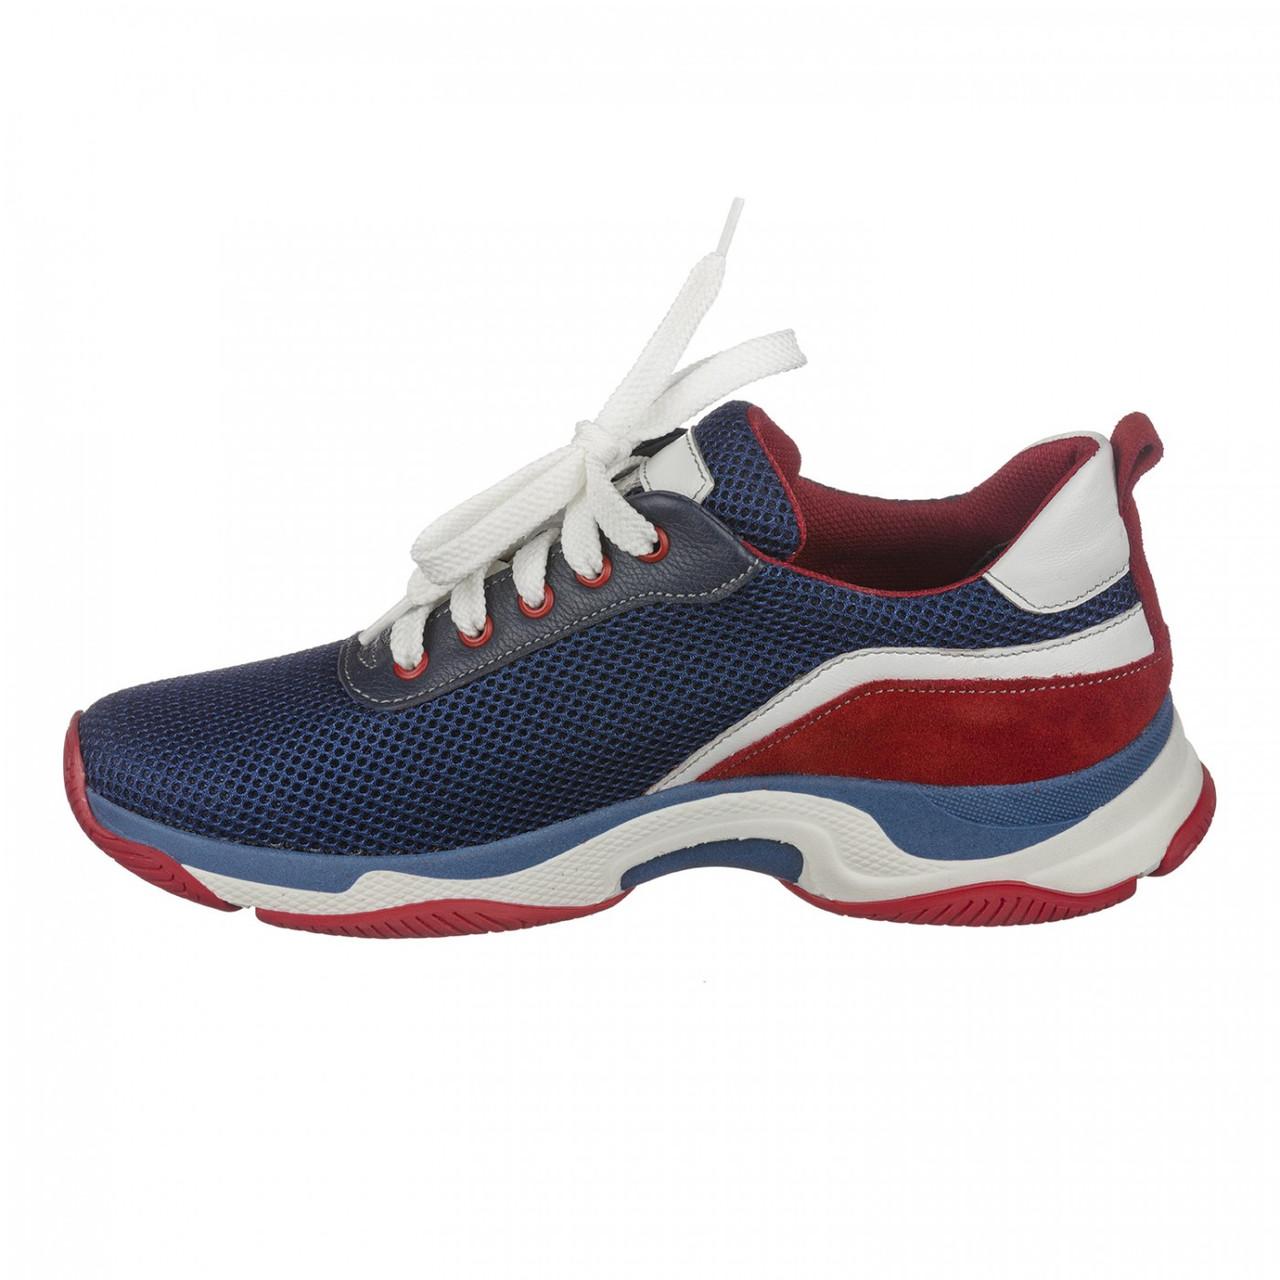 c24ddd0283929 Комбинированные качественные кроссовки для девушек , выбрать из ...